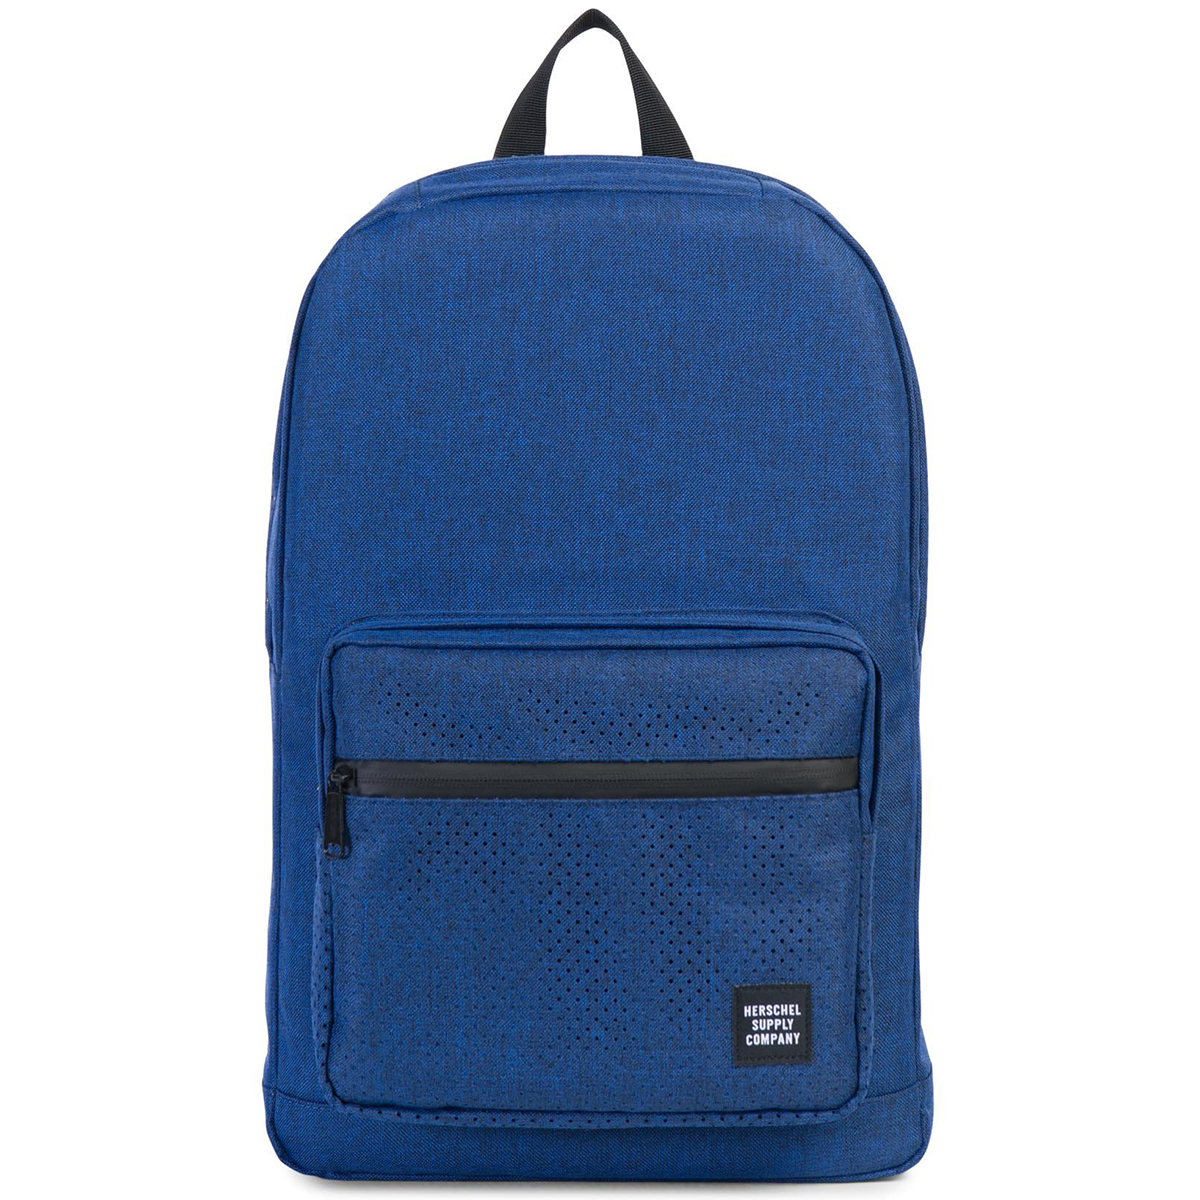 Рюкзак городской Herschel Pop Quiz (A/S), цвет: синий. 828432122929ГризлиРюкзак Herschel Pop Quiz ™ универсальный рюкзак для школы и работы с широким спектром карманов и органайзера.